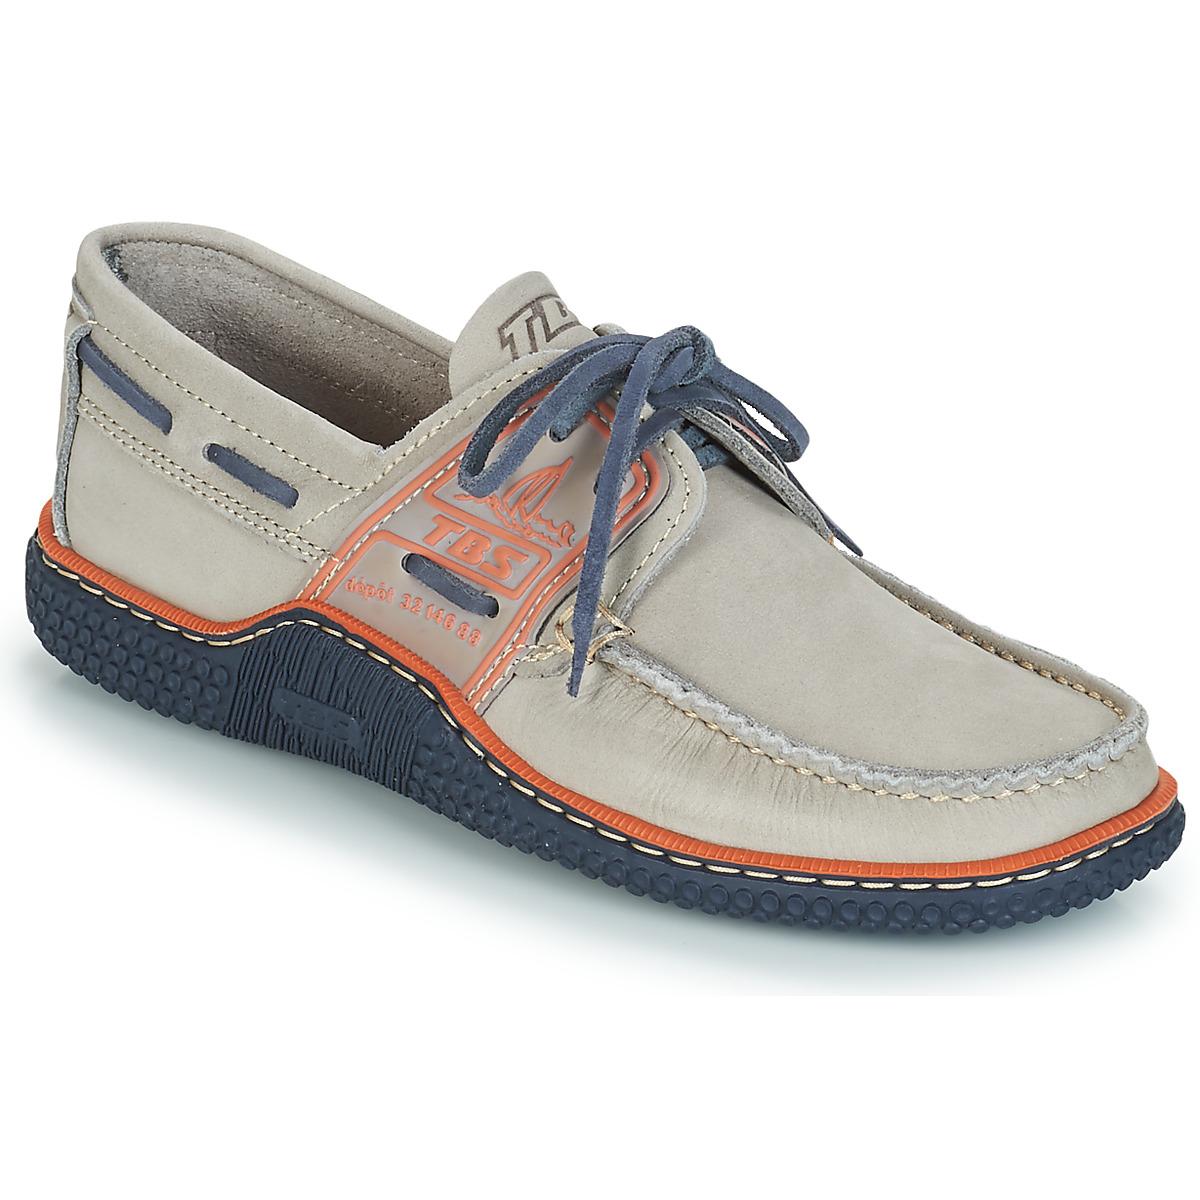 tbs globek gris chaussure pas cher avec chaussures chaussures bateau homme 129 00. Black Bedroom Furniture Sets. Home Design Ideas